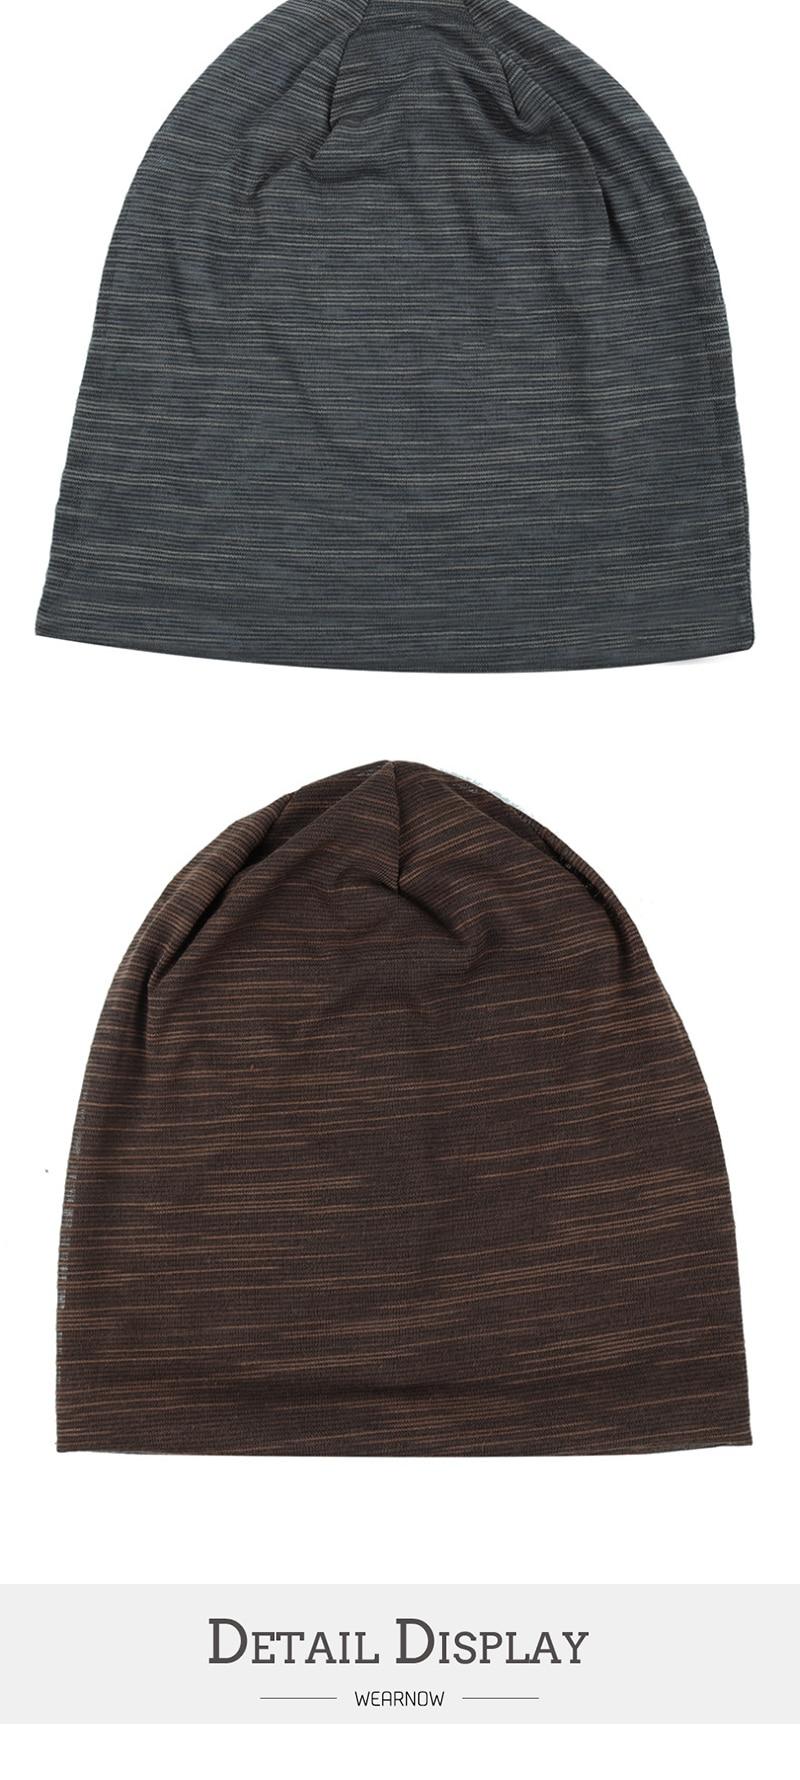 新款针织帽_2019-eilish刺绣针织帽套头嘻哈帽毛线帽18色---阿里巴巴_08